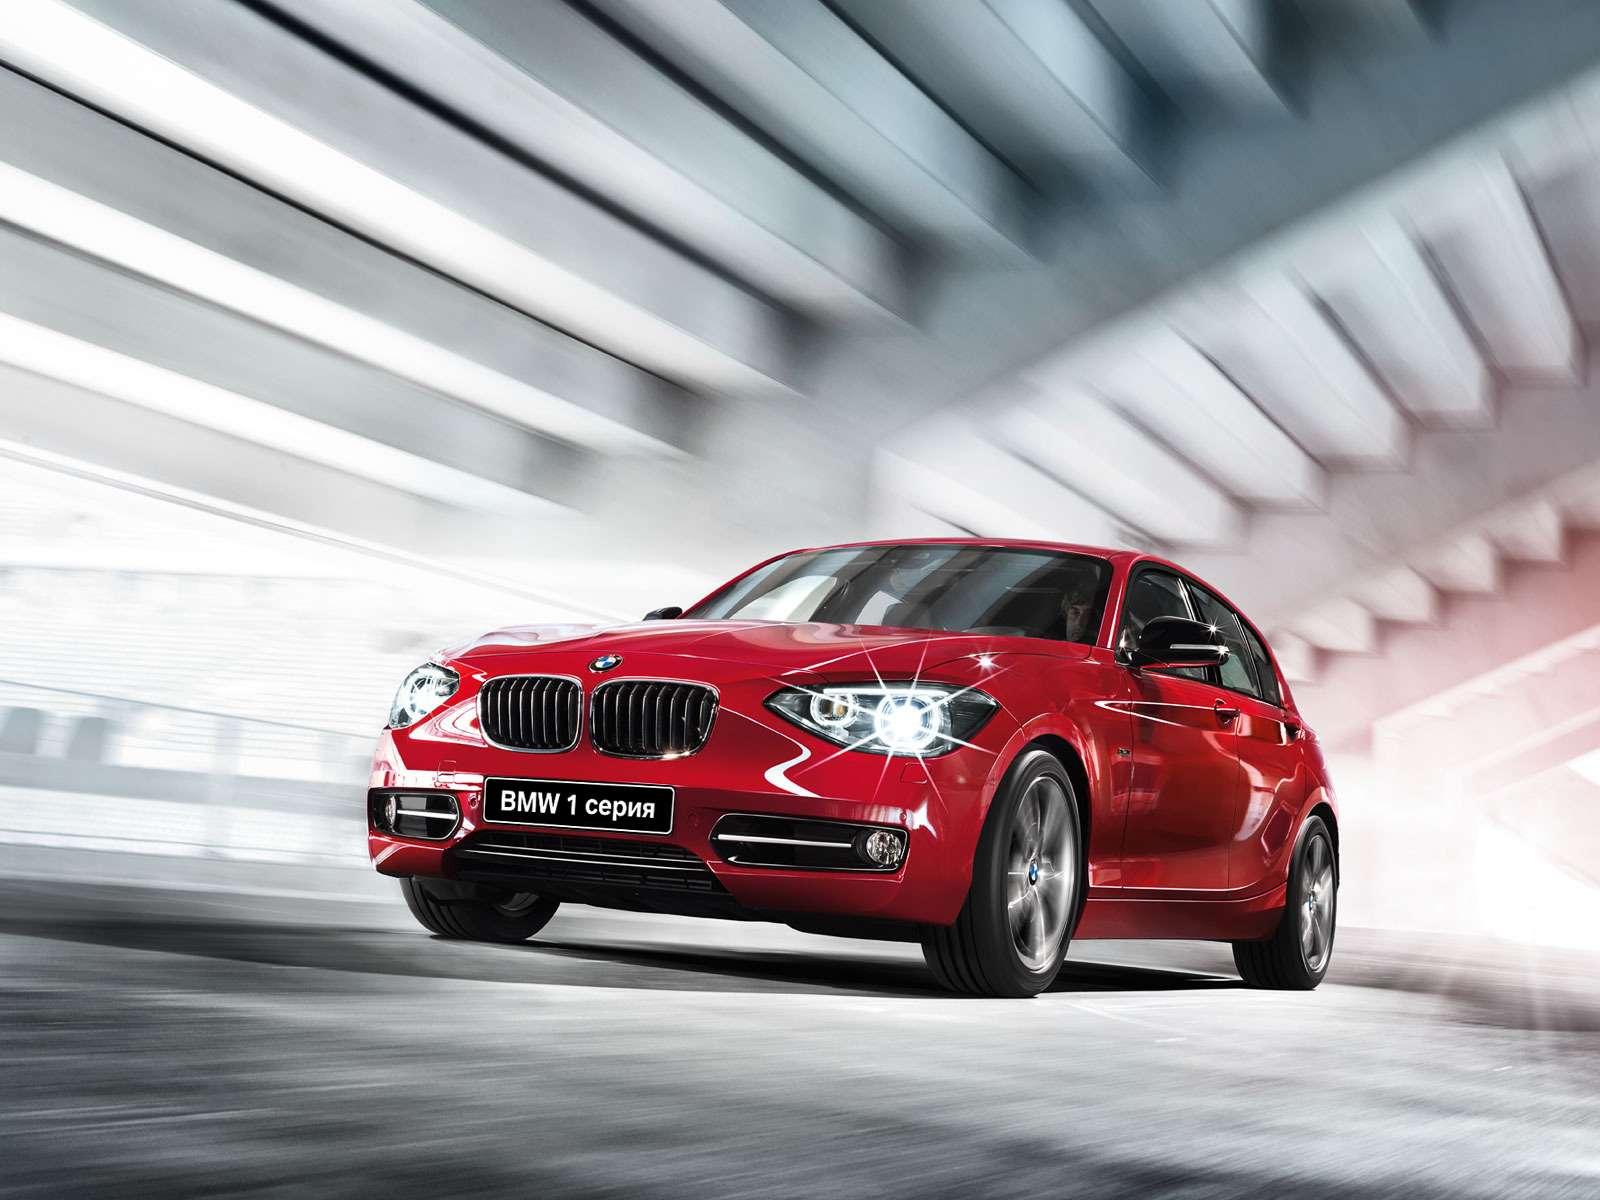 BMWповышает цены наавтомобили с20декабря, рост до5,2%— фото 364886